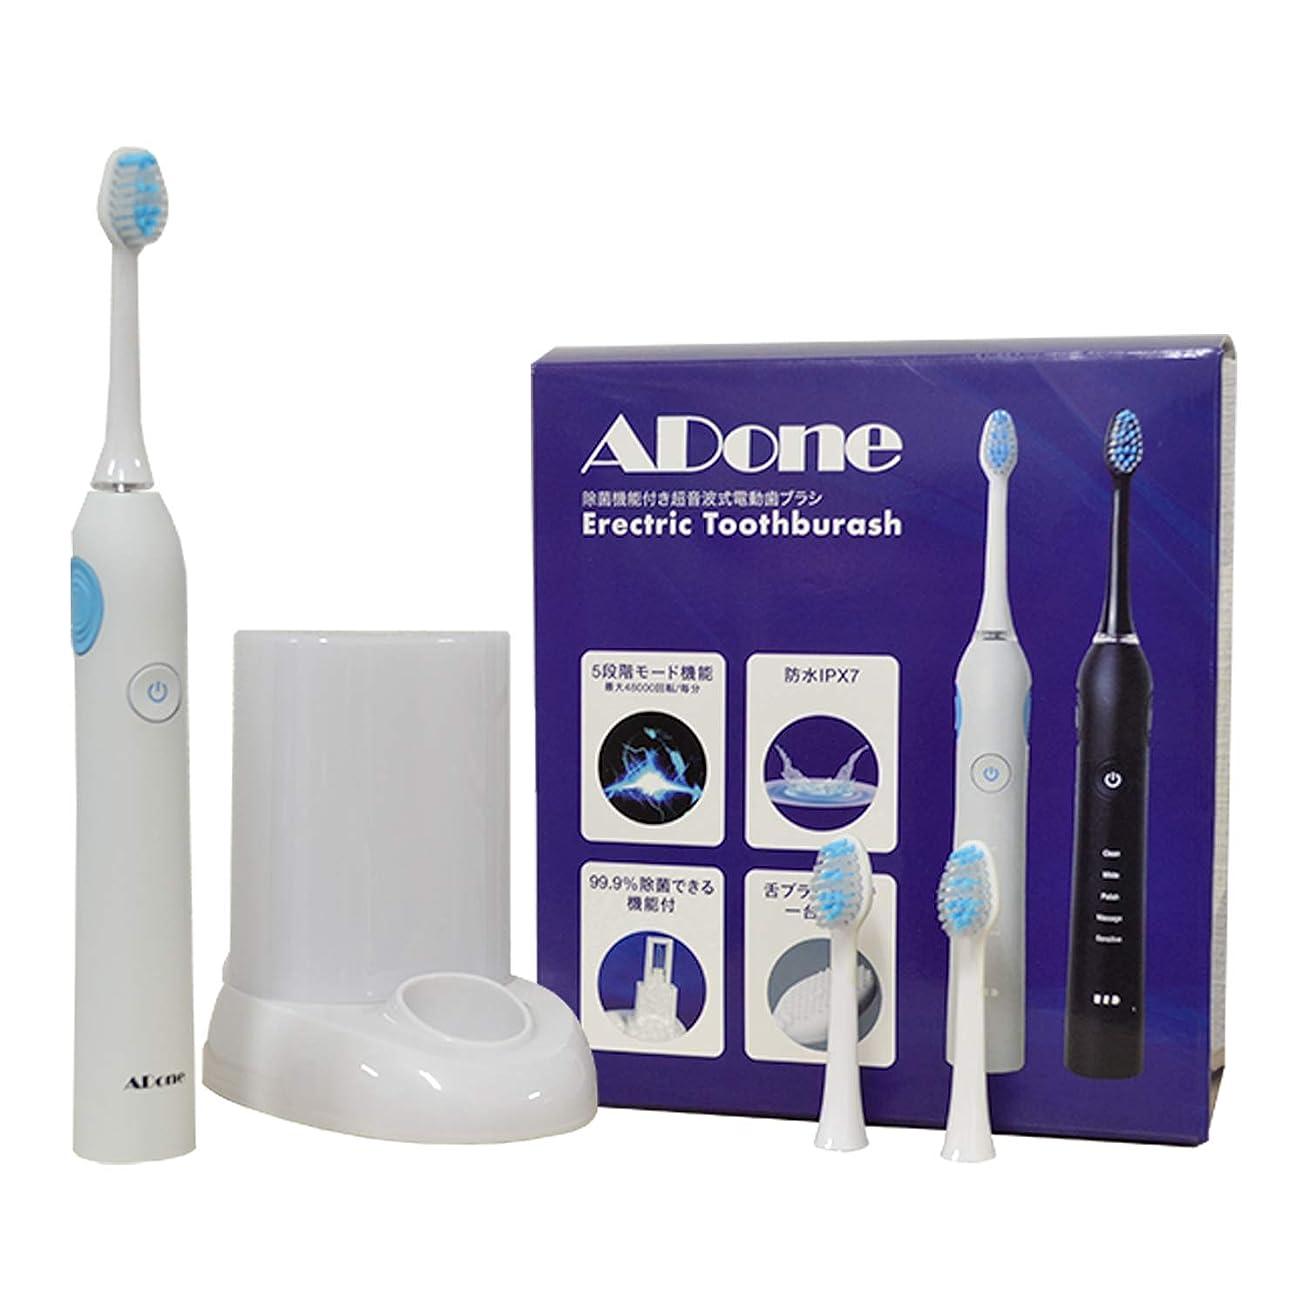 チョップ避難ストライド国内ブランド アドワン 電動歯ブラシ UV除菌機能付き 歯ブラシ ブラック IPX7防水 替えブラシ3本 デンタルケア (ホワイト)